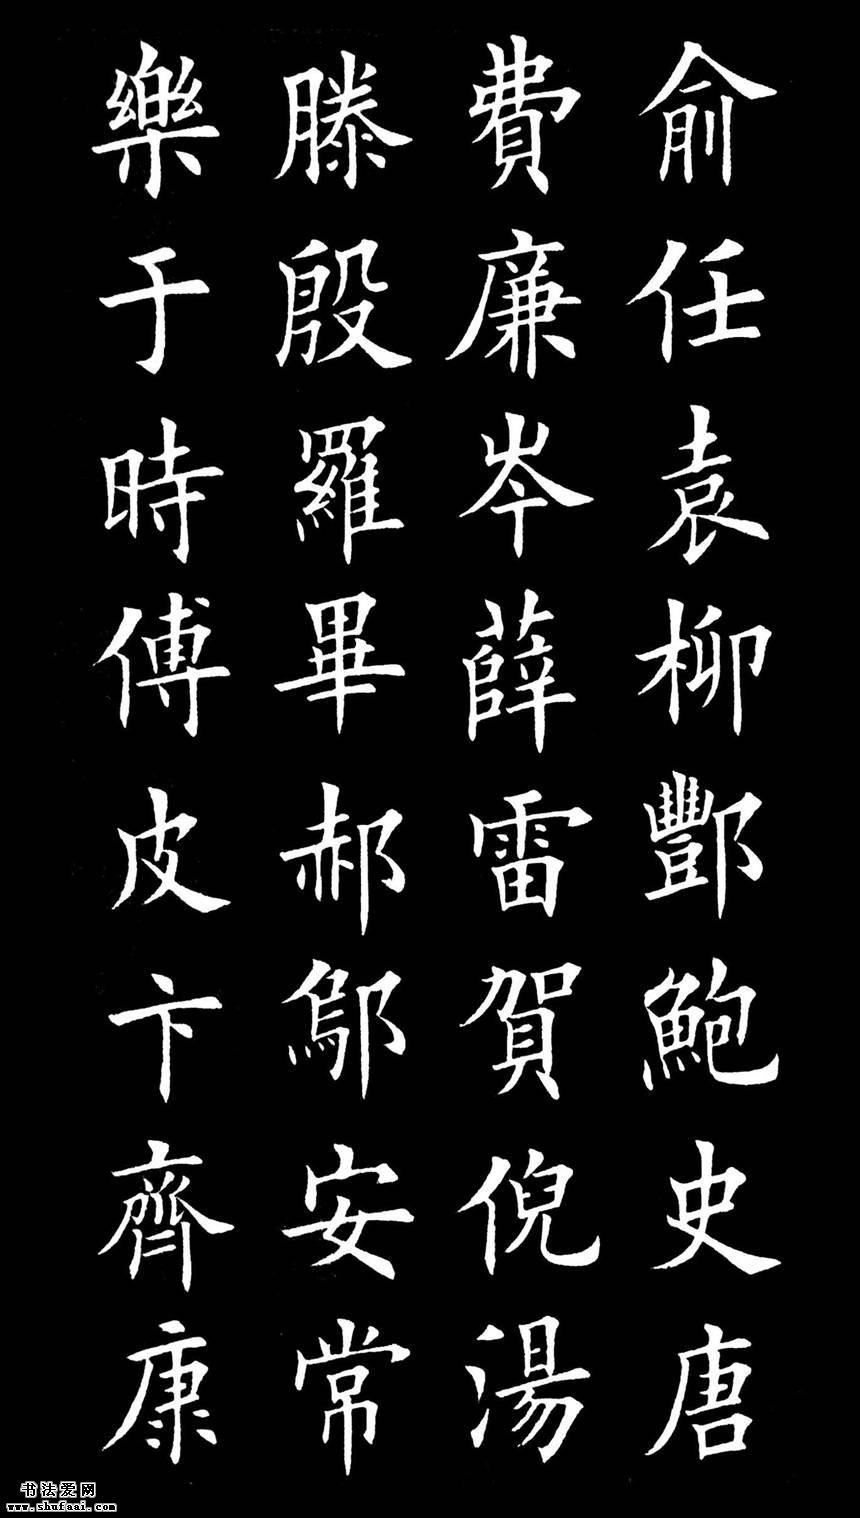 田英章楷书《百家姓》